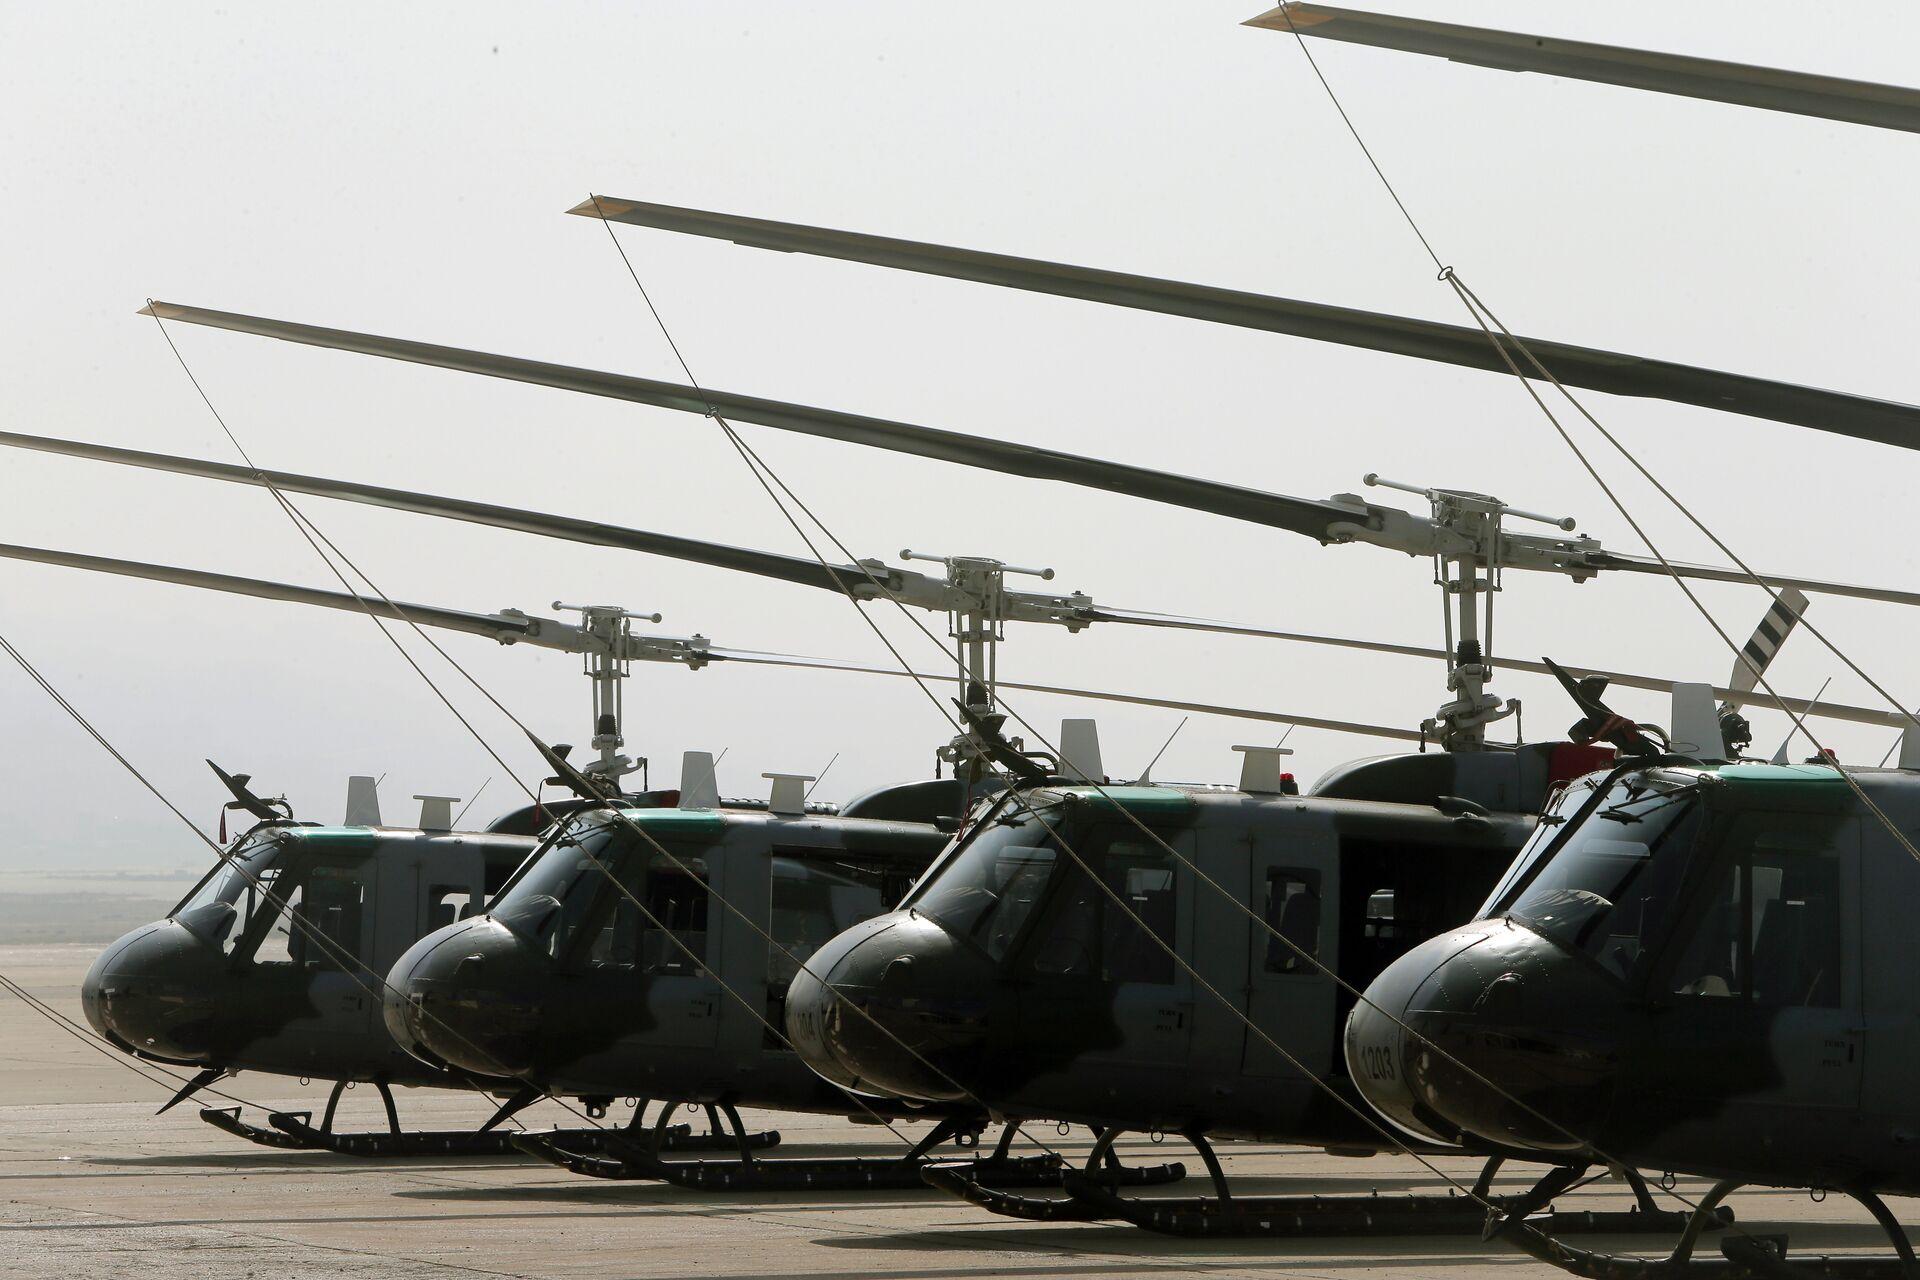 Вертолеты UH-1 - РИА Новости, 1920, 27.11.2020